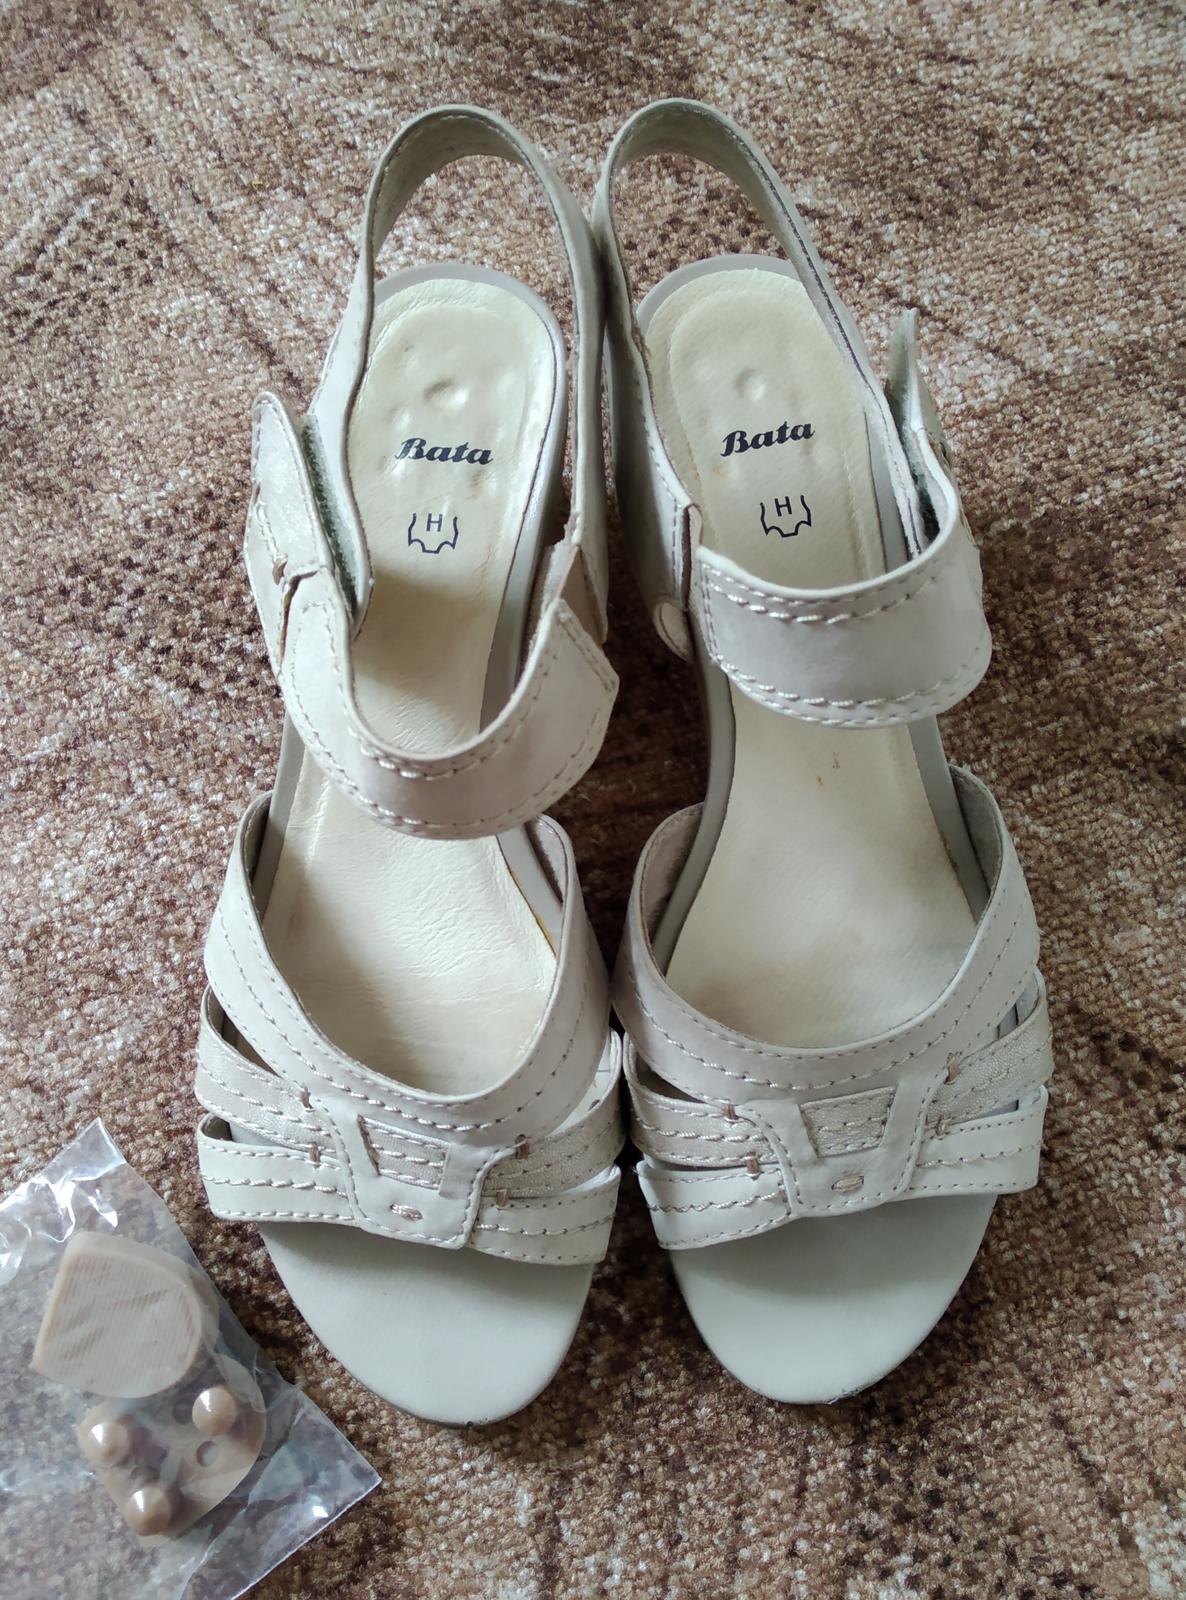 béžové sandálky na podpatku - Obrázek č. 1